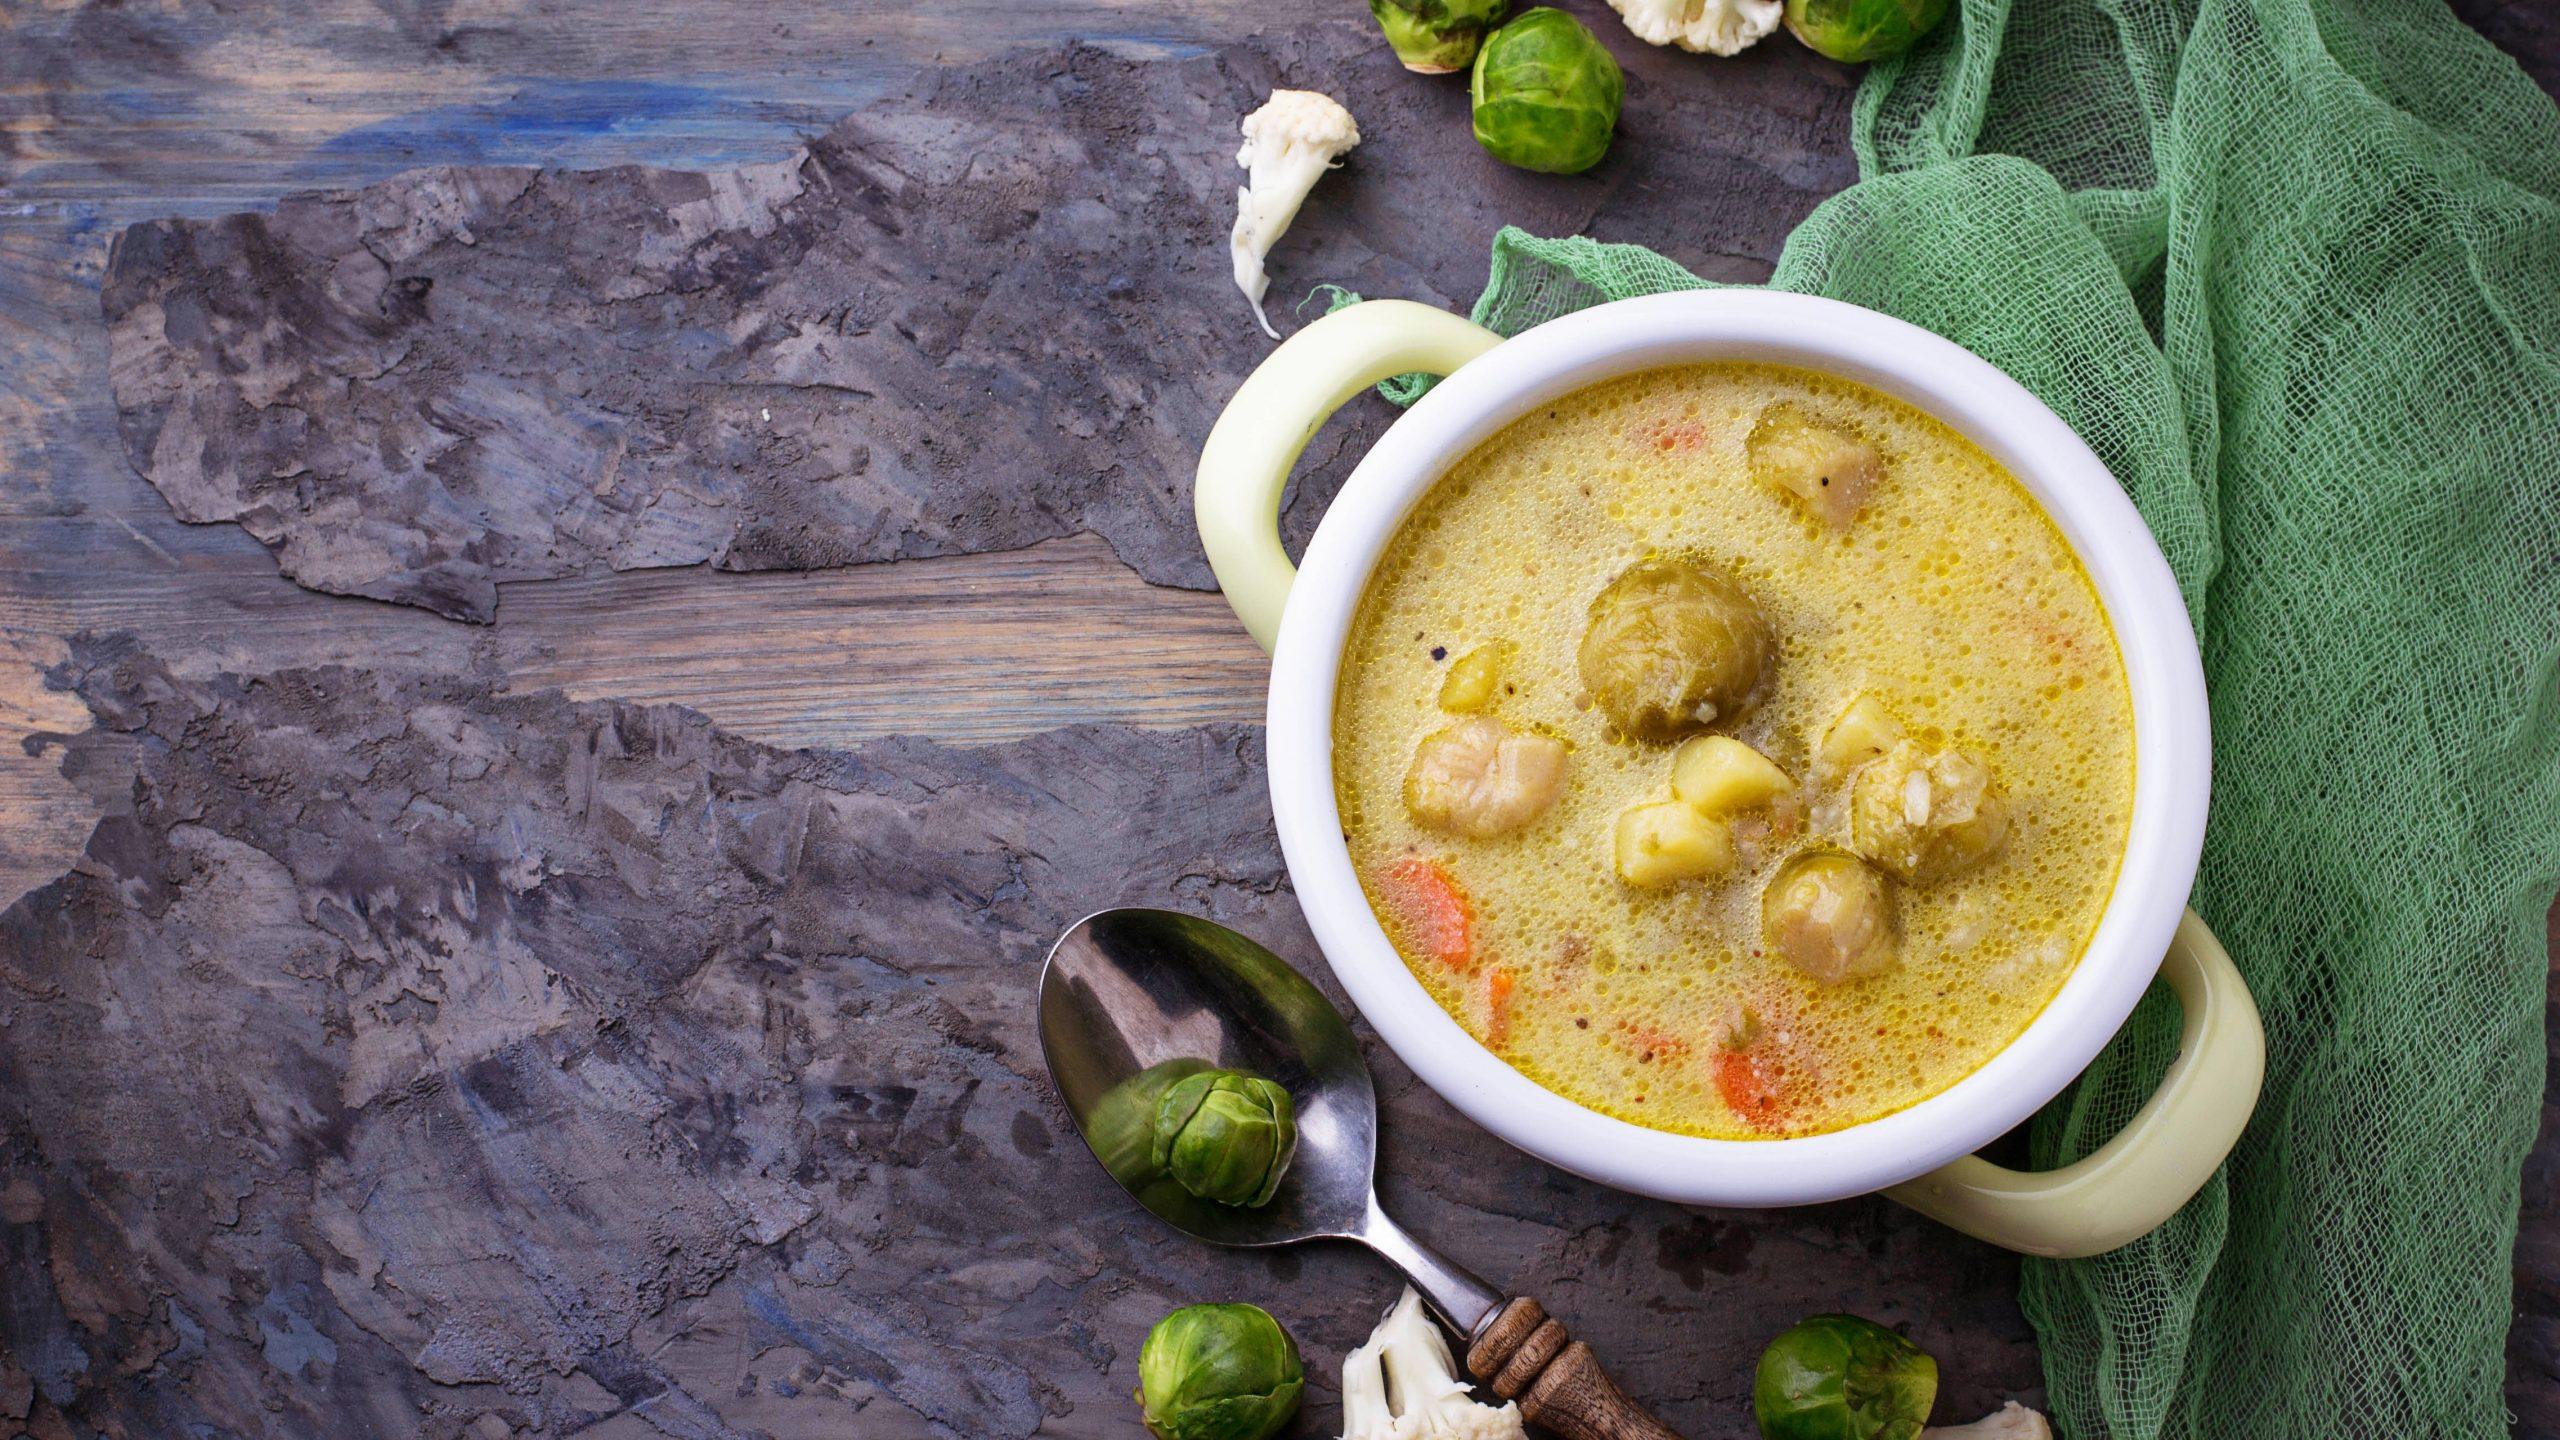 Eine Suppenterrine gefüllt mit Rosenkohleintopf mit Kartoffeln und Möhren auf dunklem Untergrund in der Draufsicht. Daneben lieben ein paar Zutaten.